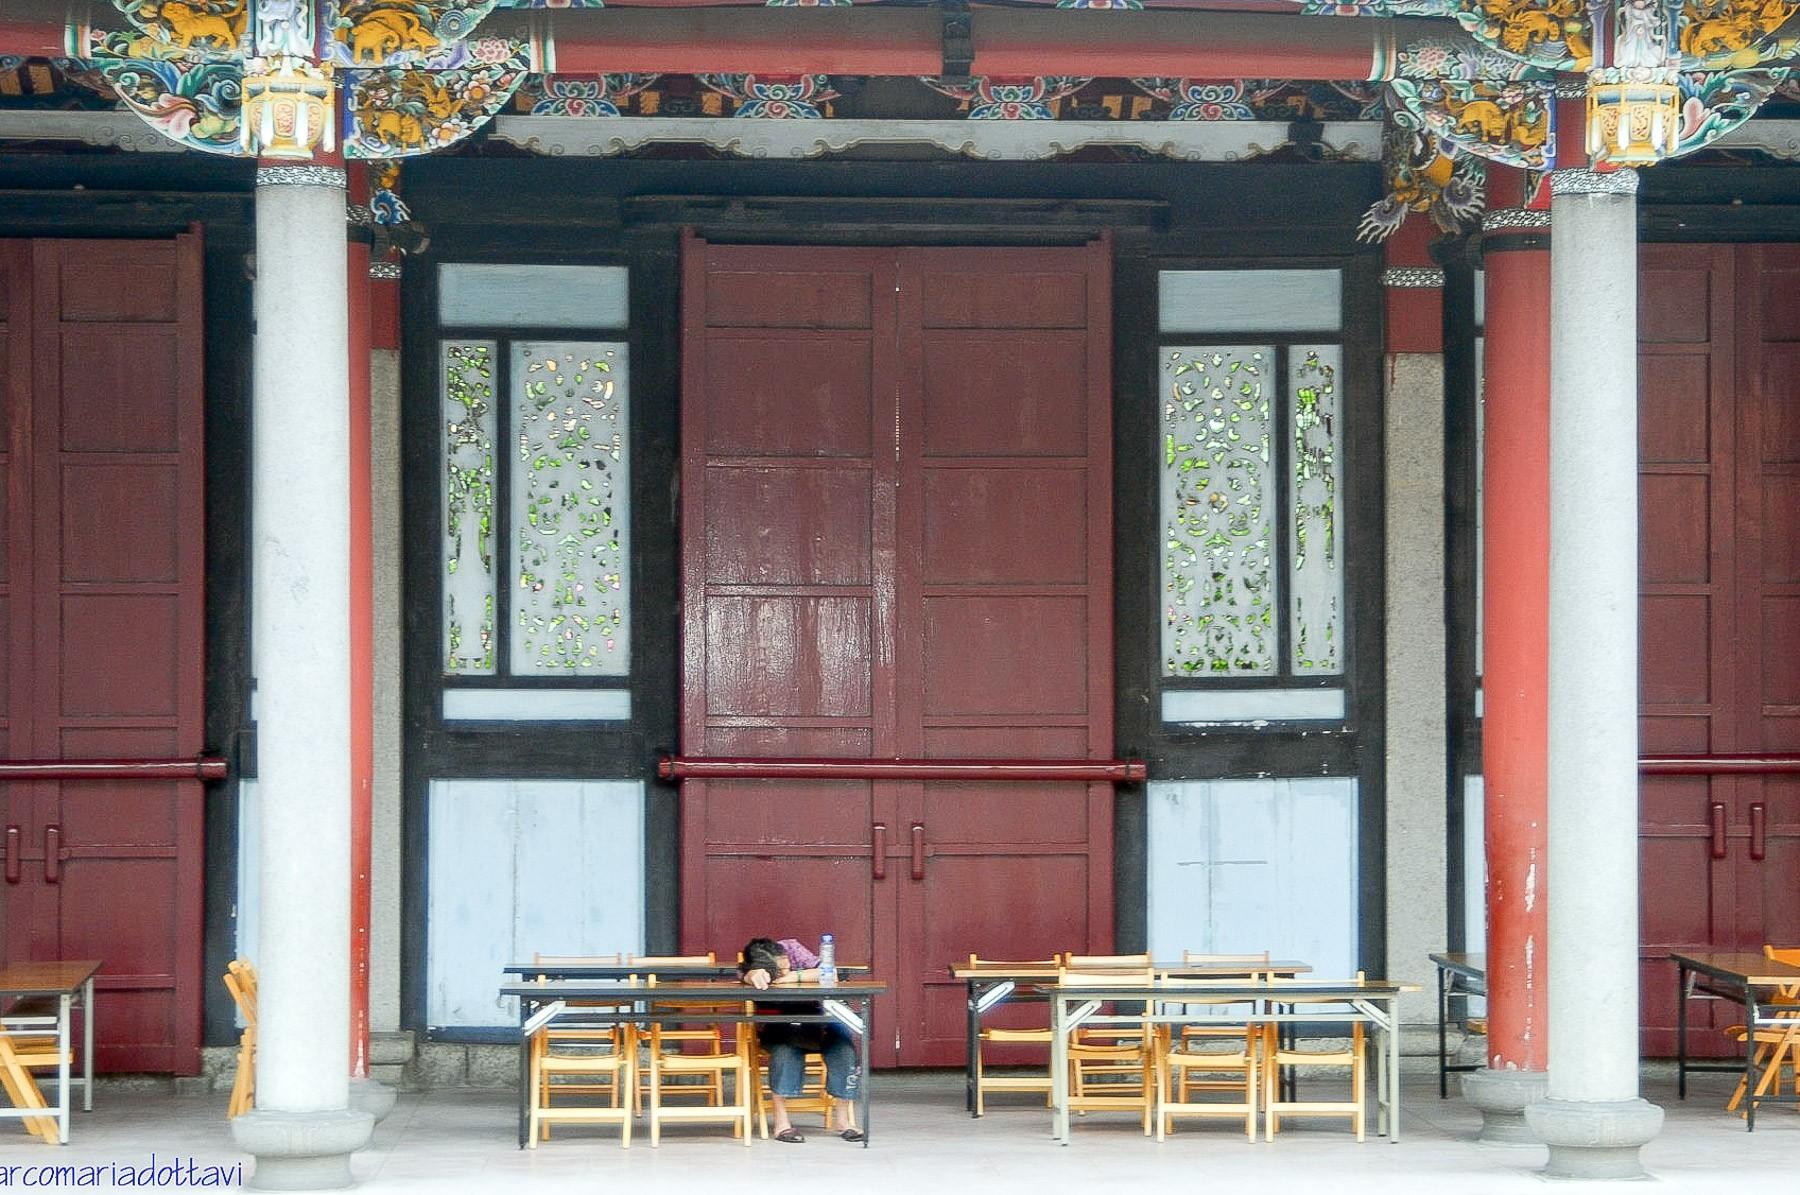 5201708-Taipei-1-0028 Storie di Luce